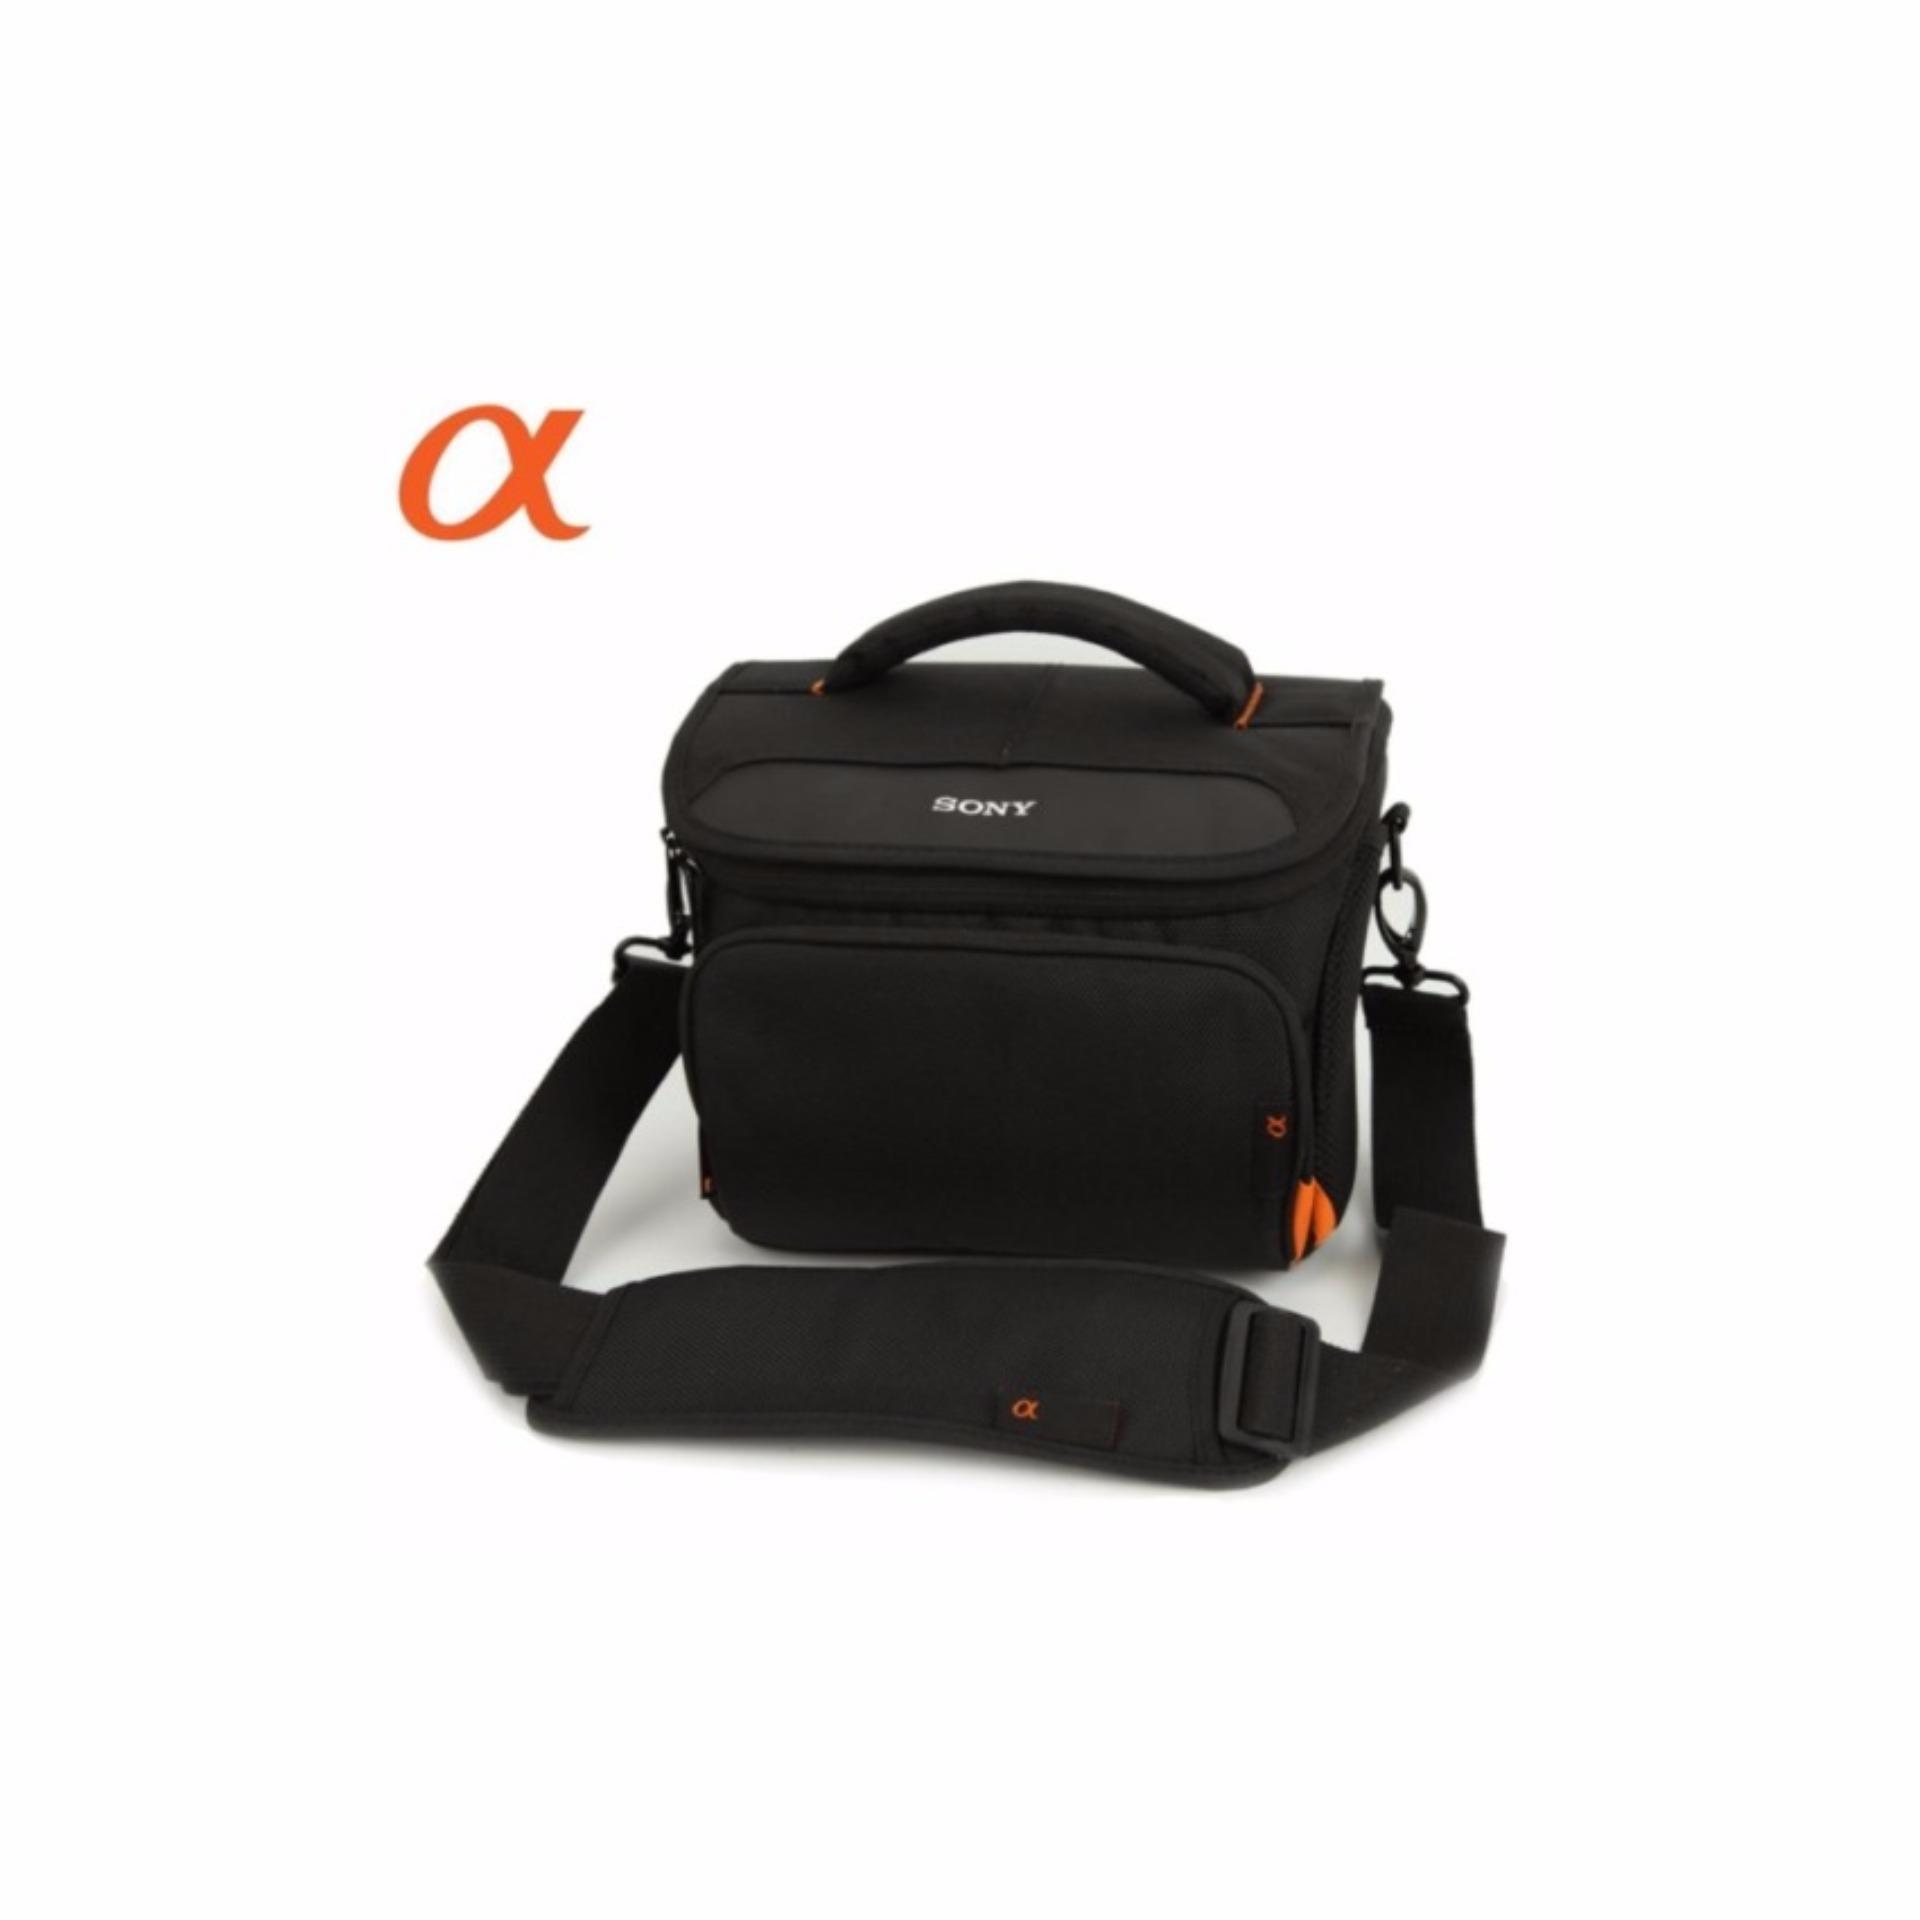 Túi Máy ảnh for Sony Cho sony A6000, A5000, A6500 , HX 200, HX400 Nhâp khẩu